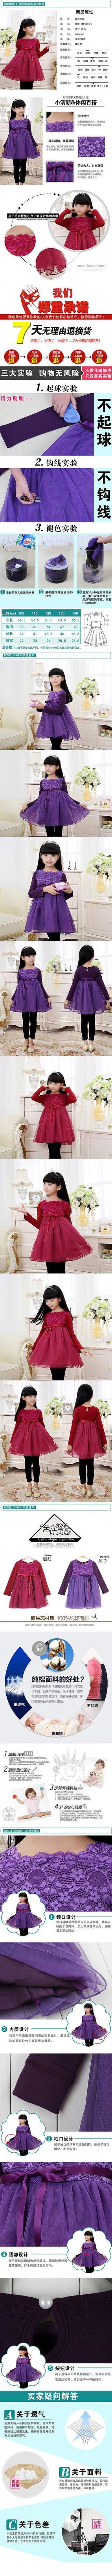 淘宝童装连衣裙描述图